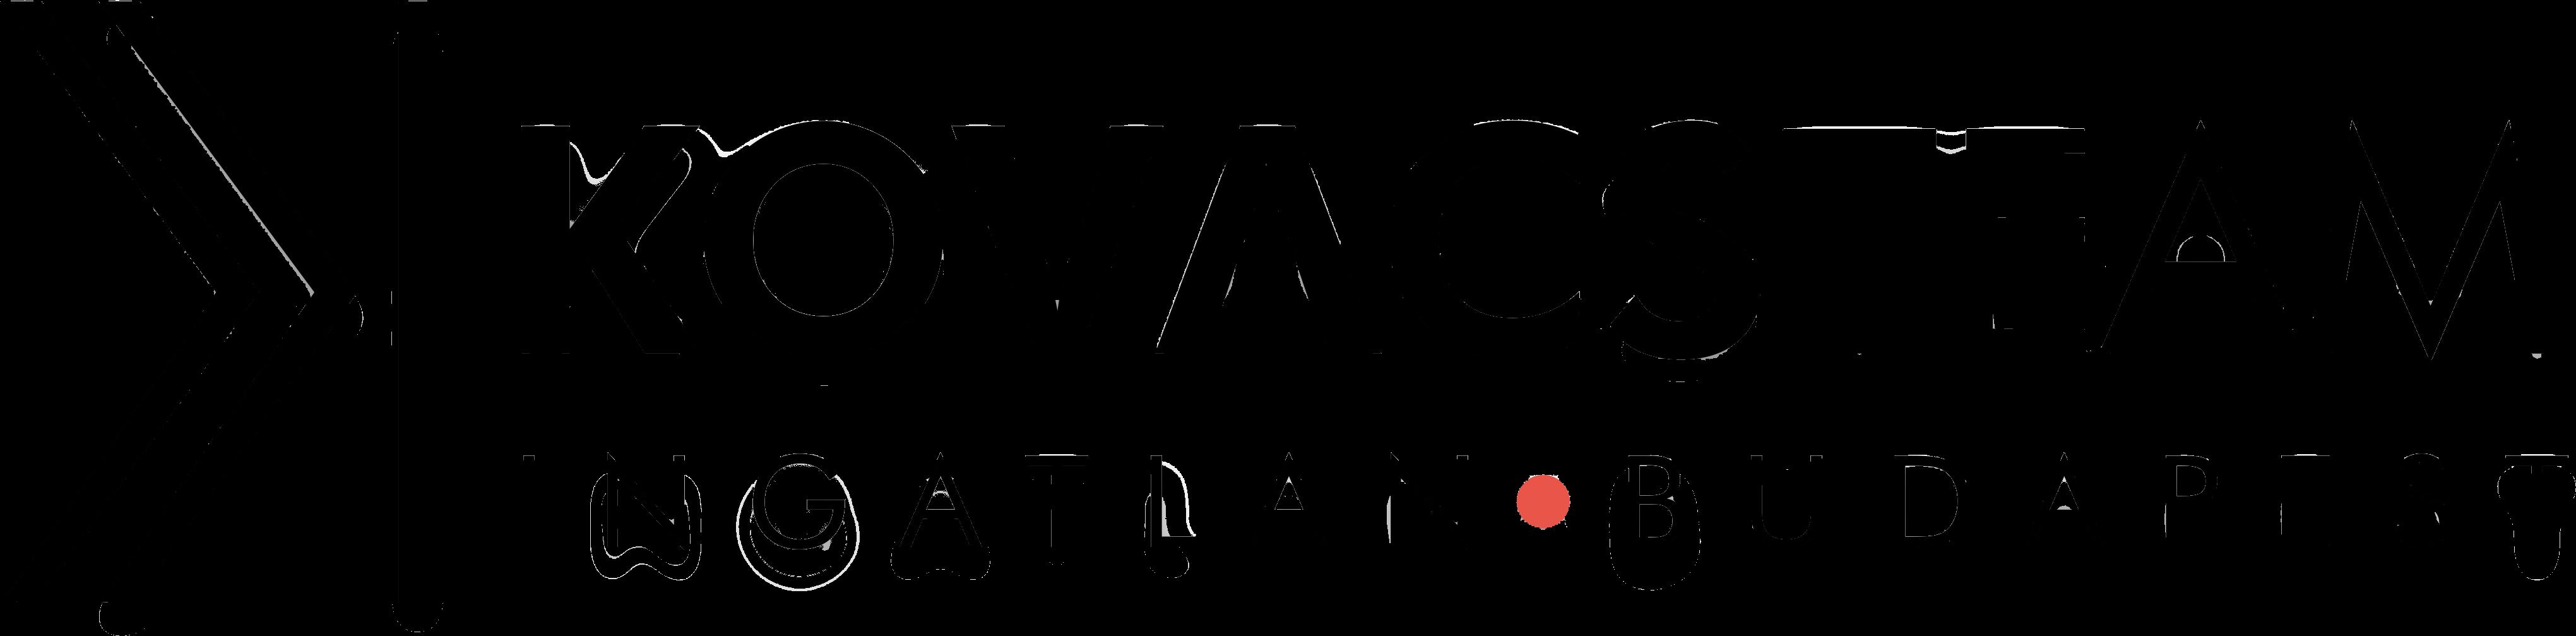 Kovács Team - A Te ingatlan sztorid